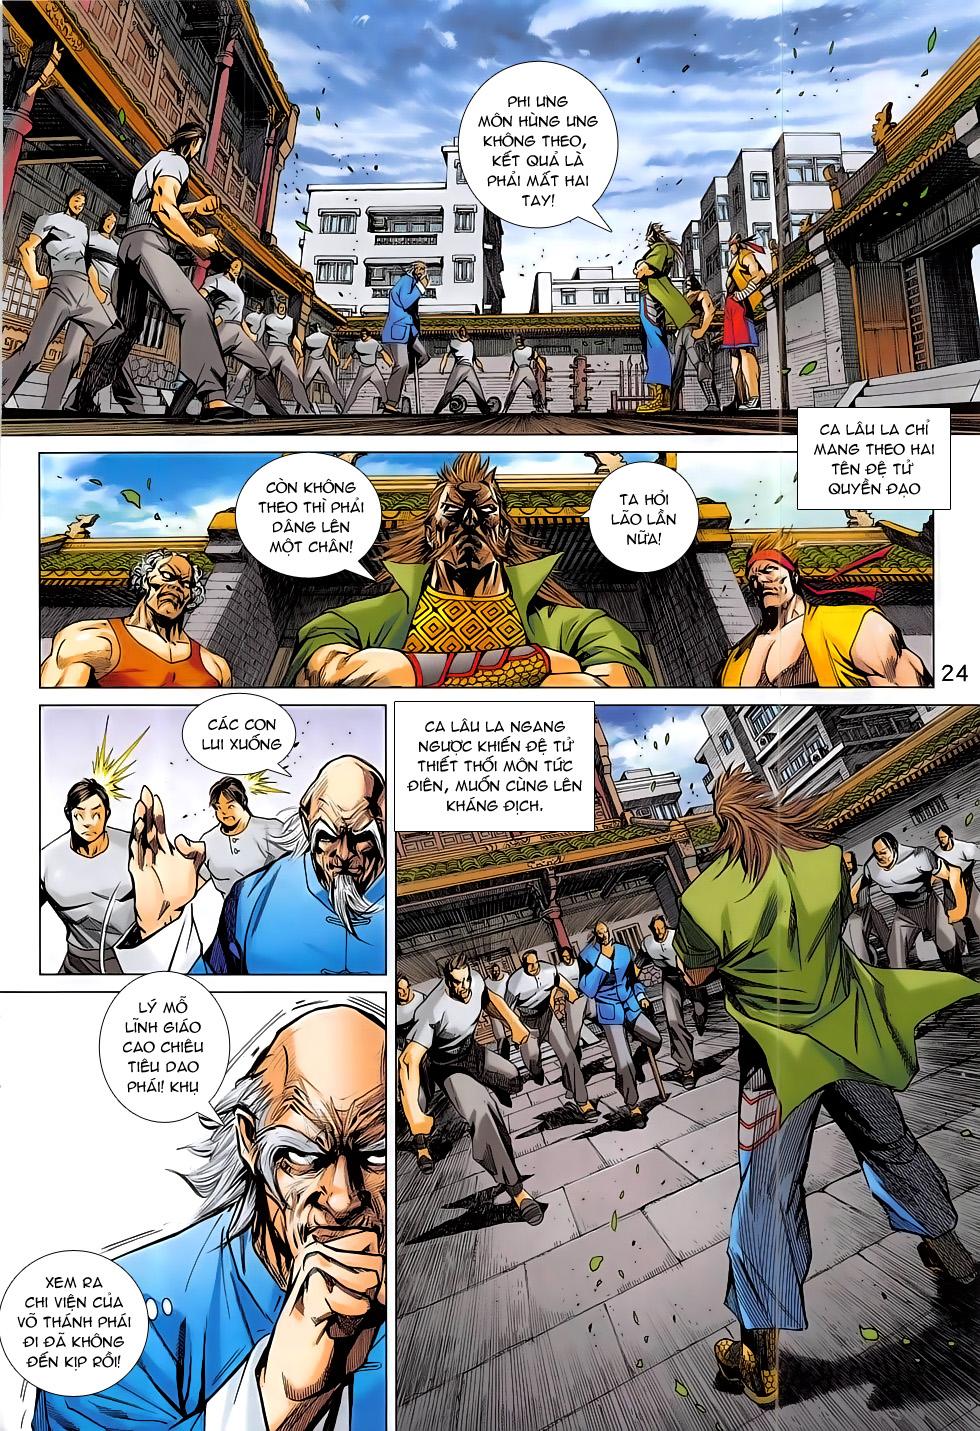 Tân Tác Long Hổ Môn chap 793 Trang 24 - Mangak.info